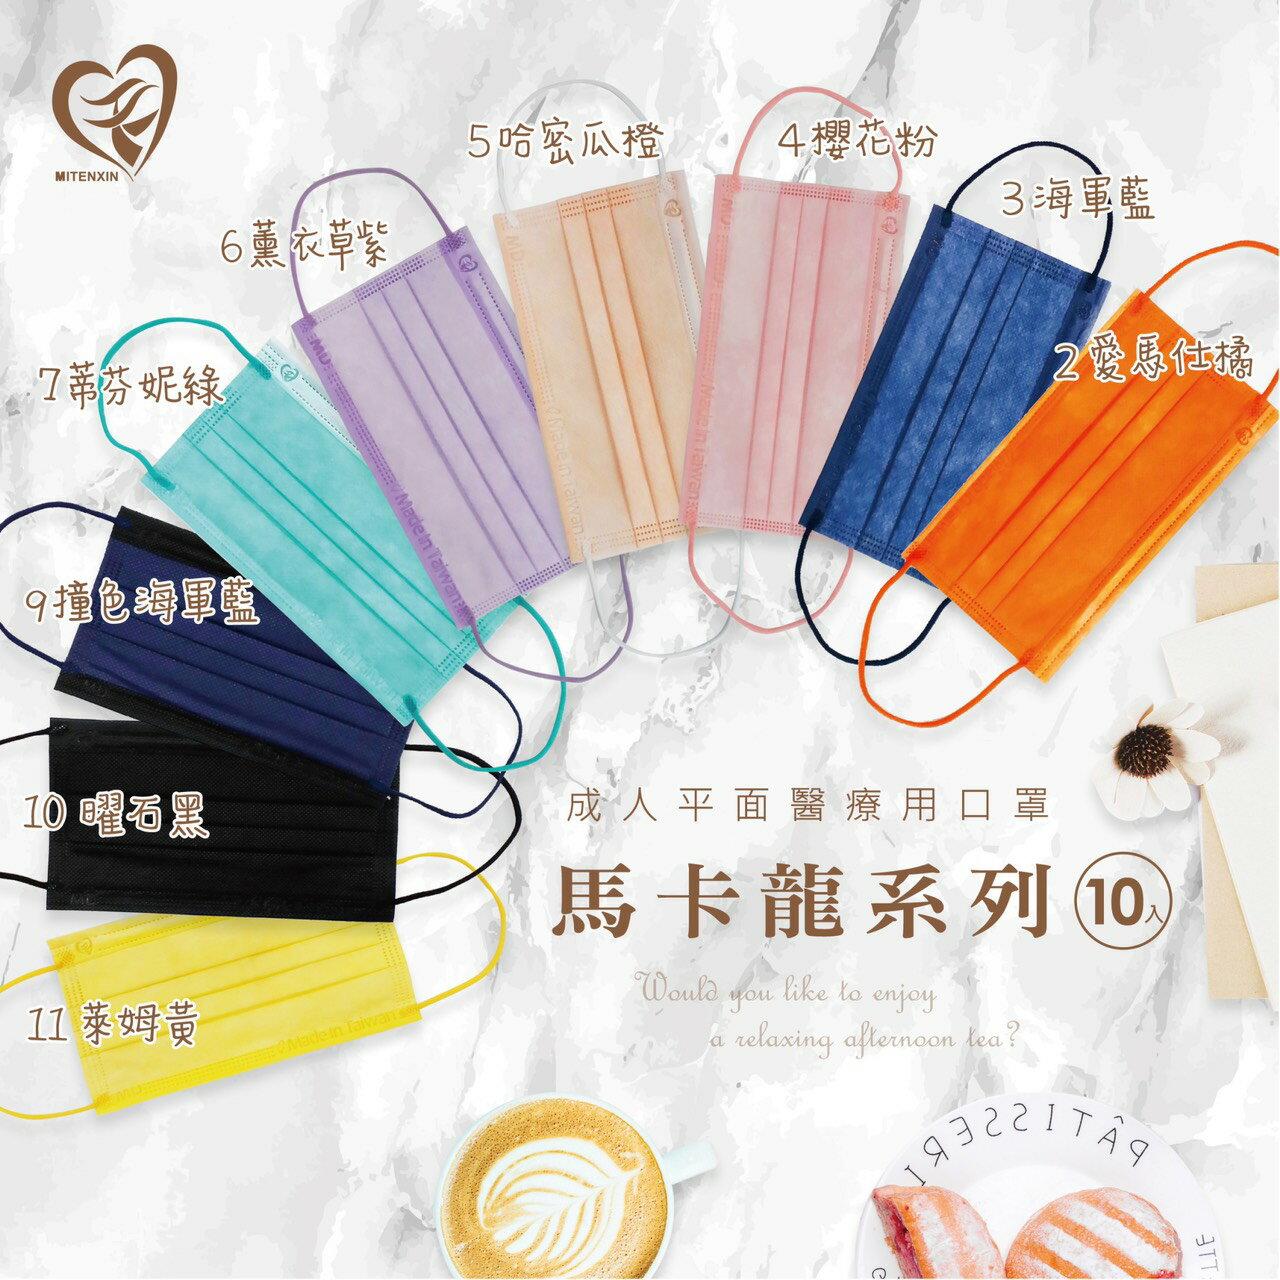 天心 盛籐 平面醫療用口罩 蜜糖系列 (10片/包) 天心口罩 醫用口罩 醫療口罩 口罩 MD雙鋼印 【生活ODOKE】